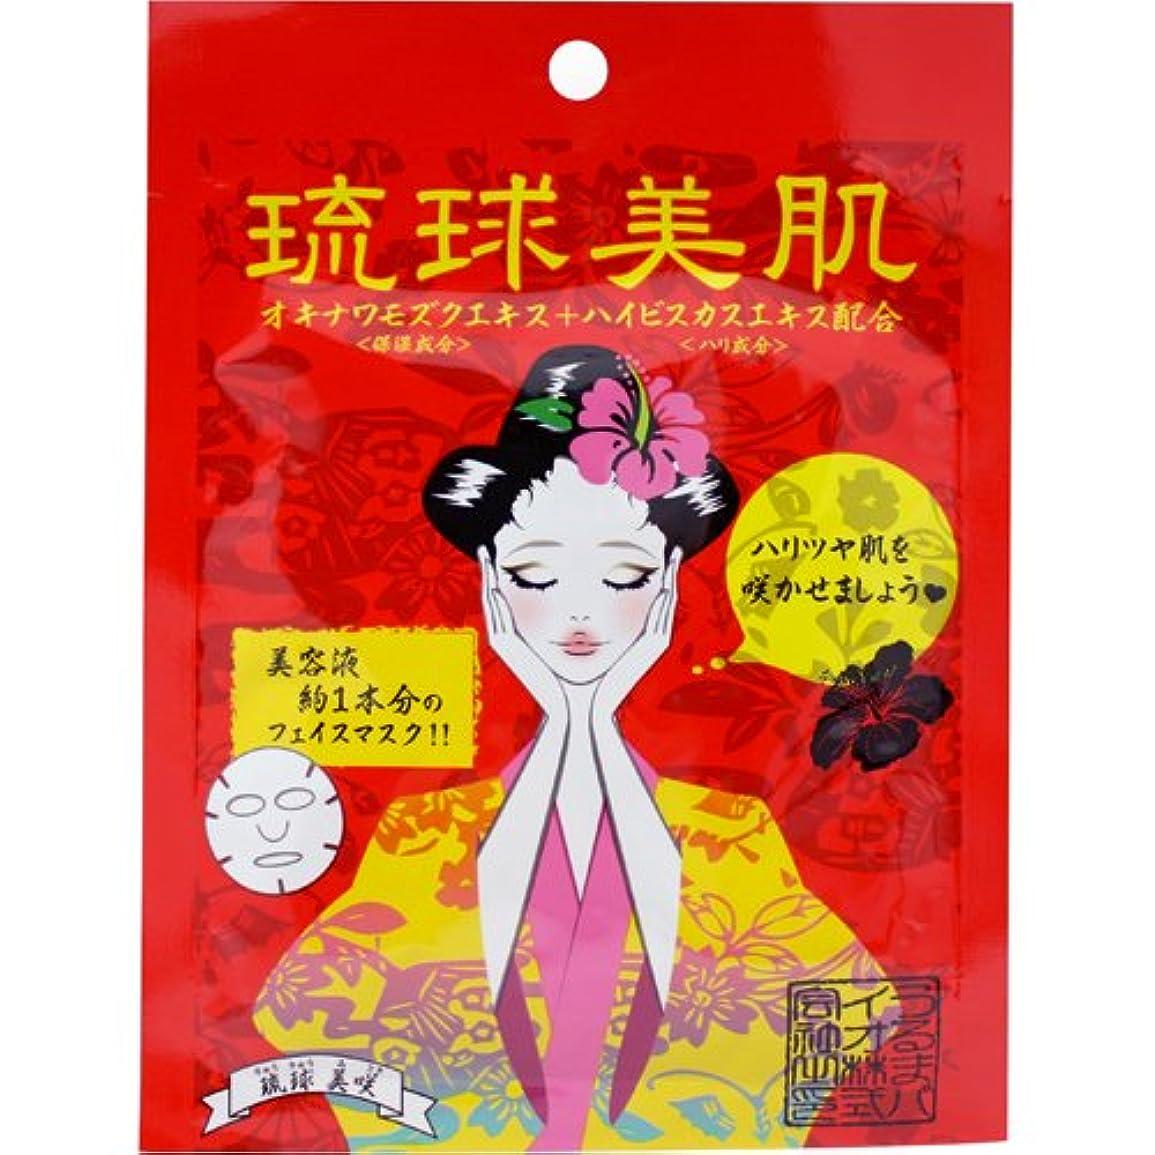 機関世界記録のギネスブックまろやかな琉球美肌フェイスマスクシート 赤(ハイビスカスの香り)×10パック